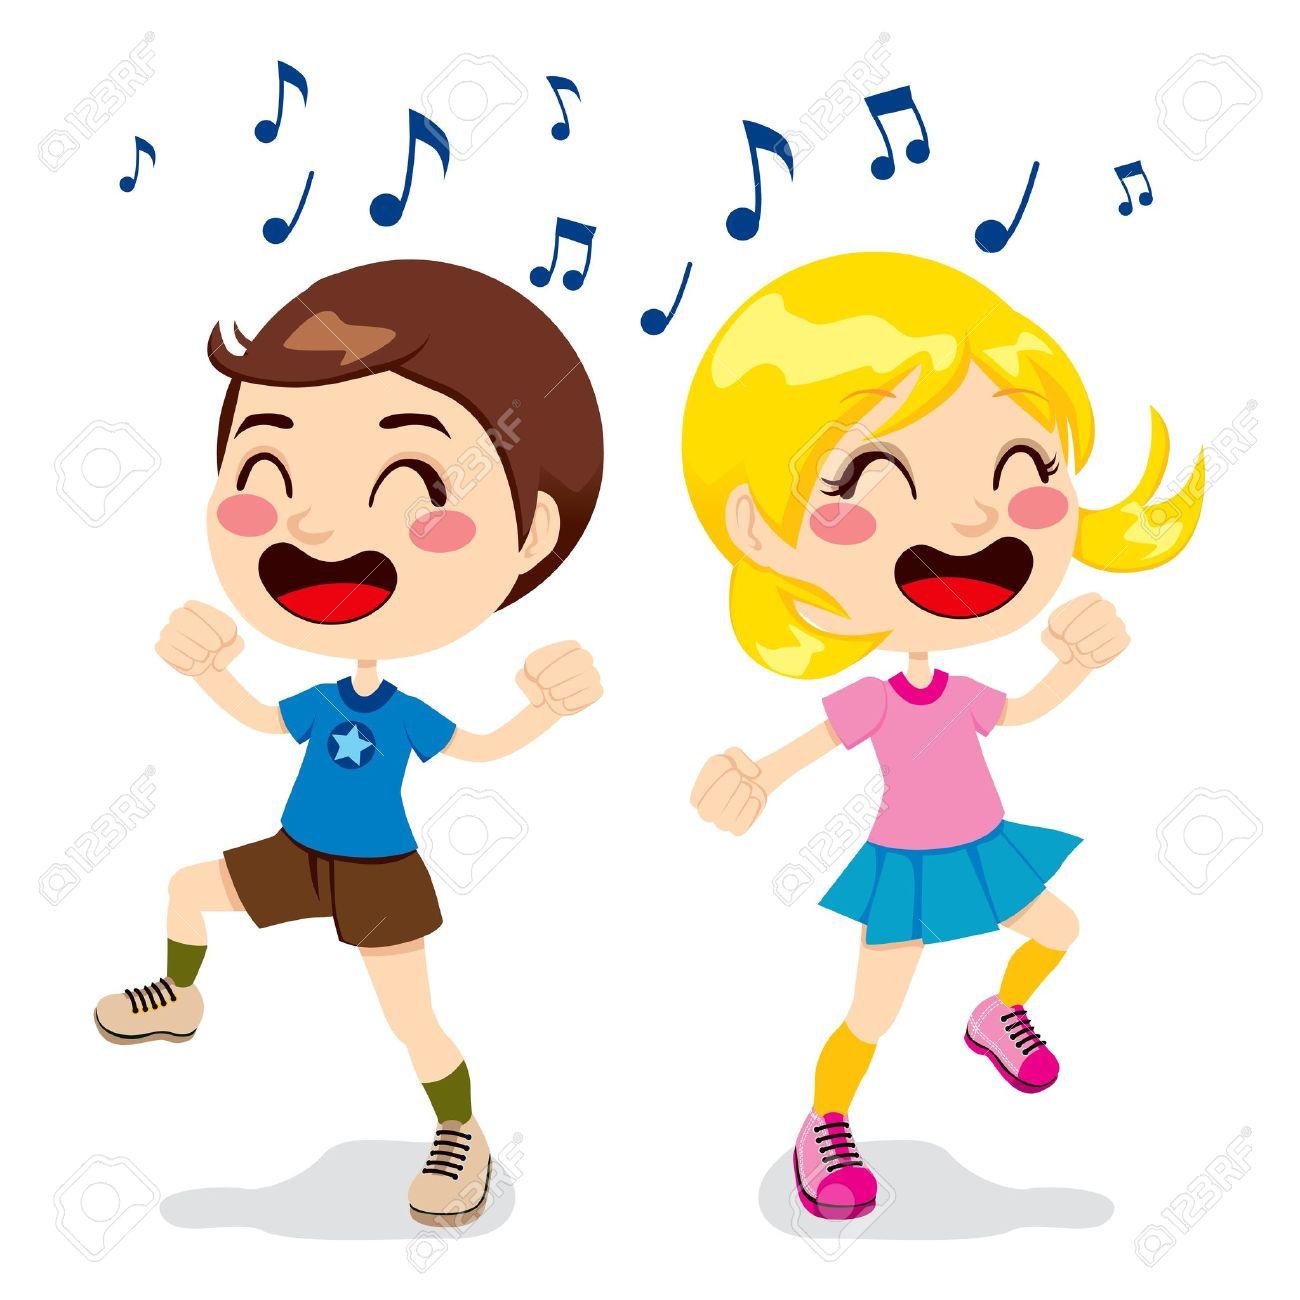 http://previews.123rf.com/images/kakigori/kakigori1208/kakigori120800017/14823976-Dos-ni-os-un-muchacho-y-una-chica-bailando-lleno-de-felicidad-Foto-de-archivo.jpg